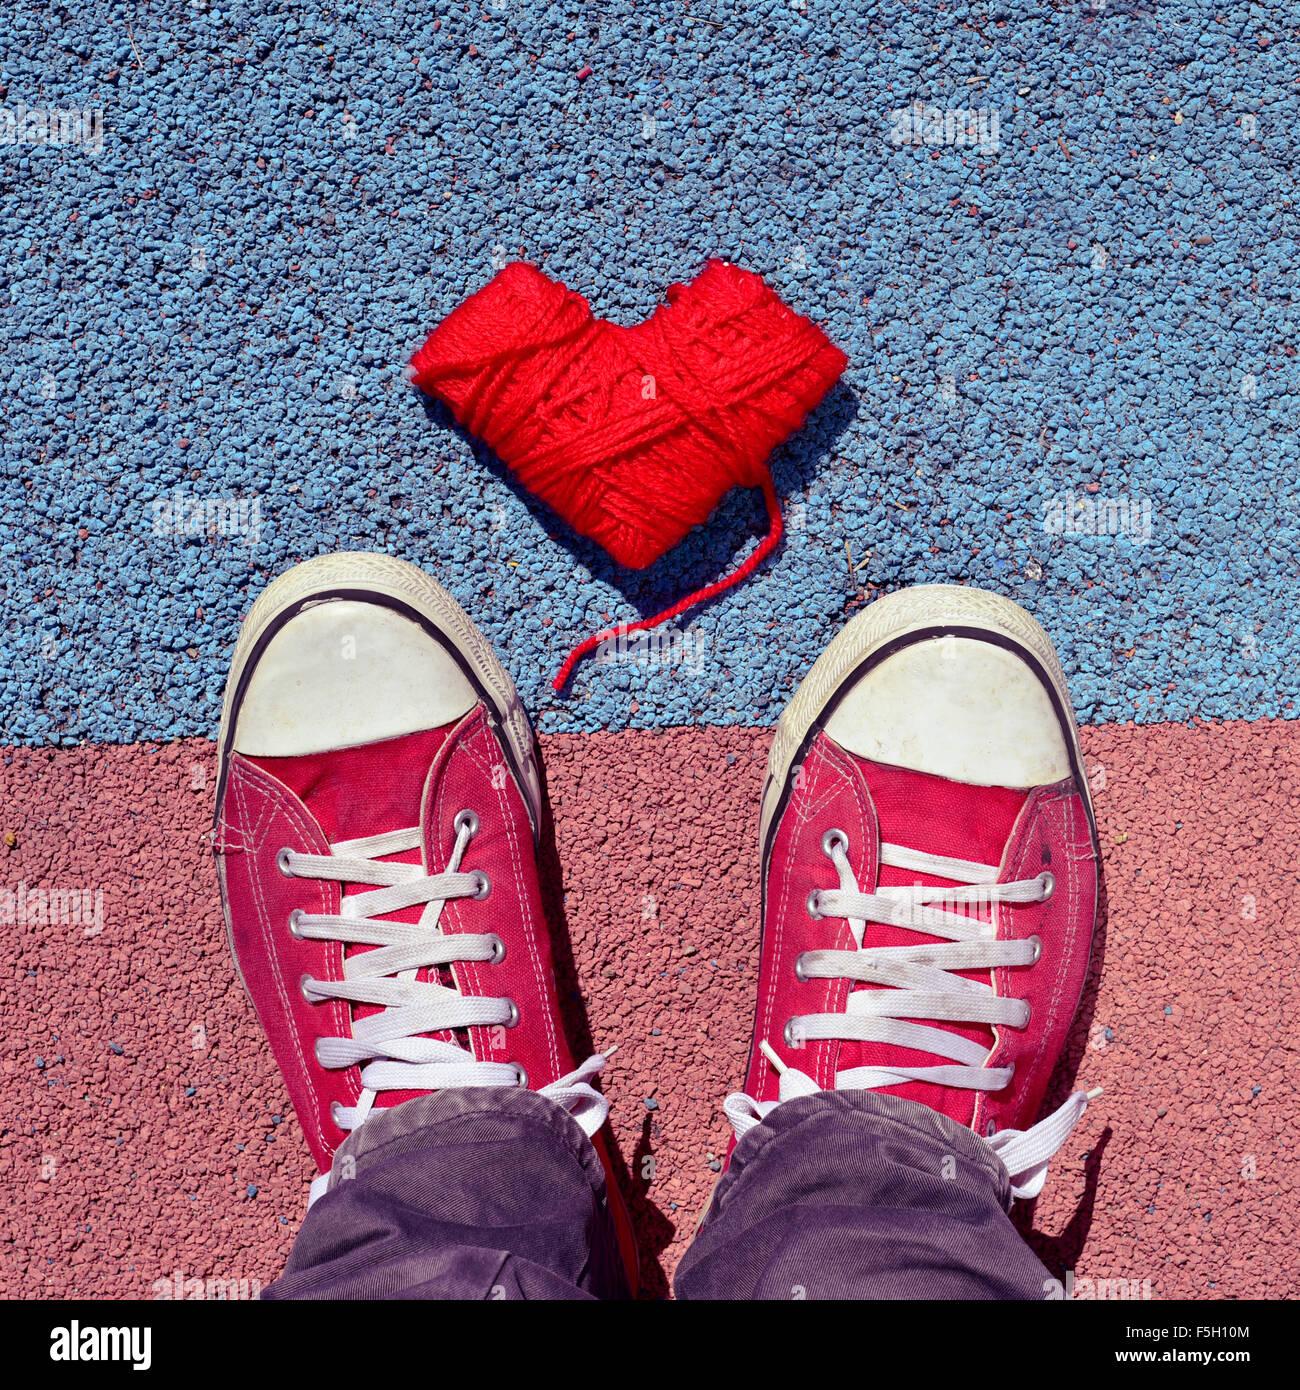 Disparo de alto ángulo de una bobina con forma de corazón rojo de lana y los pies de un hombre vestido Imagen De Stock